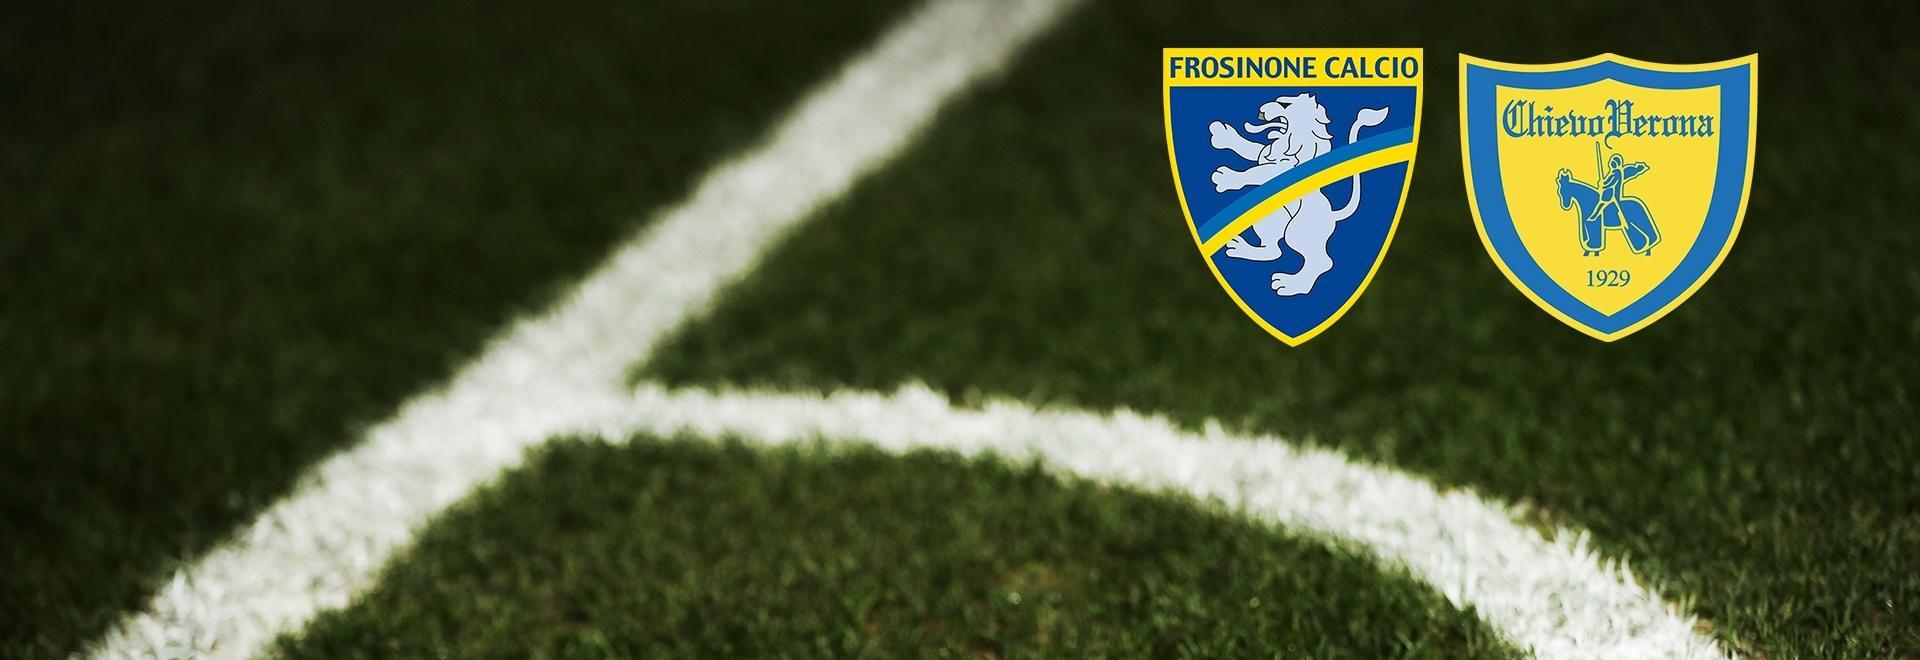 Frosinone - Chievo. 12a g.